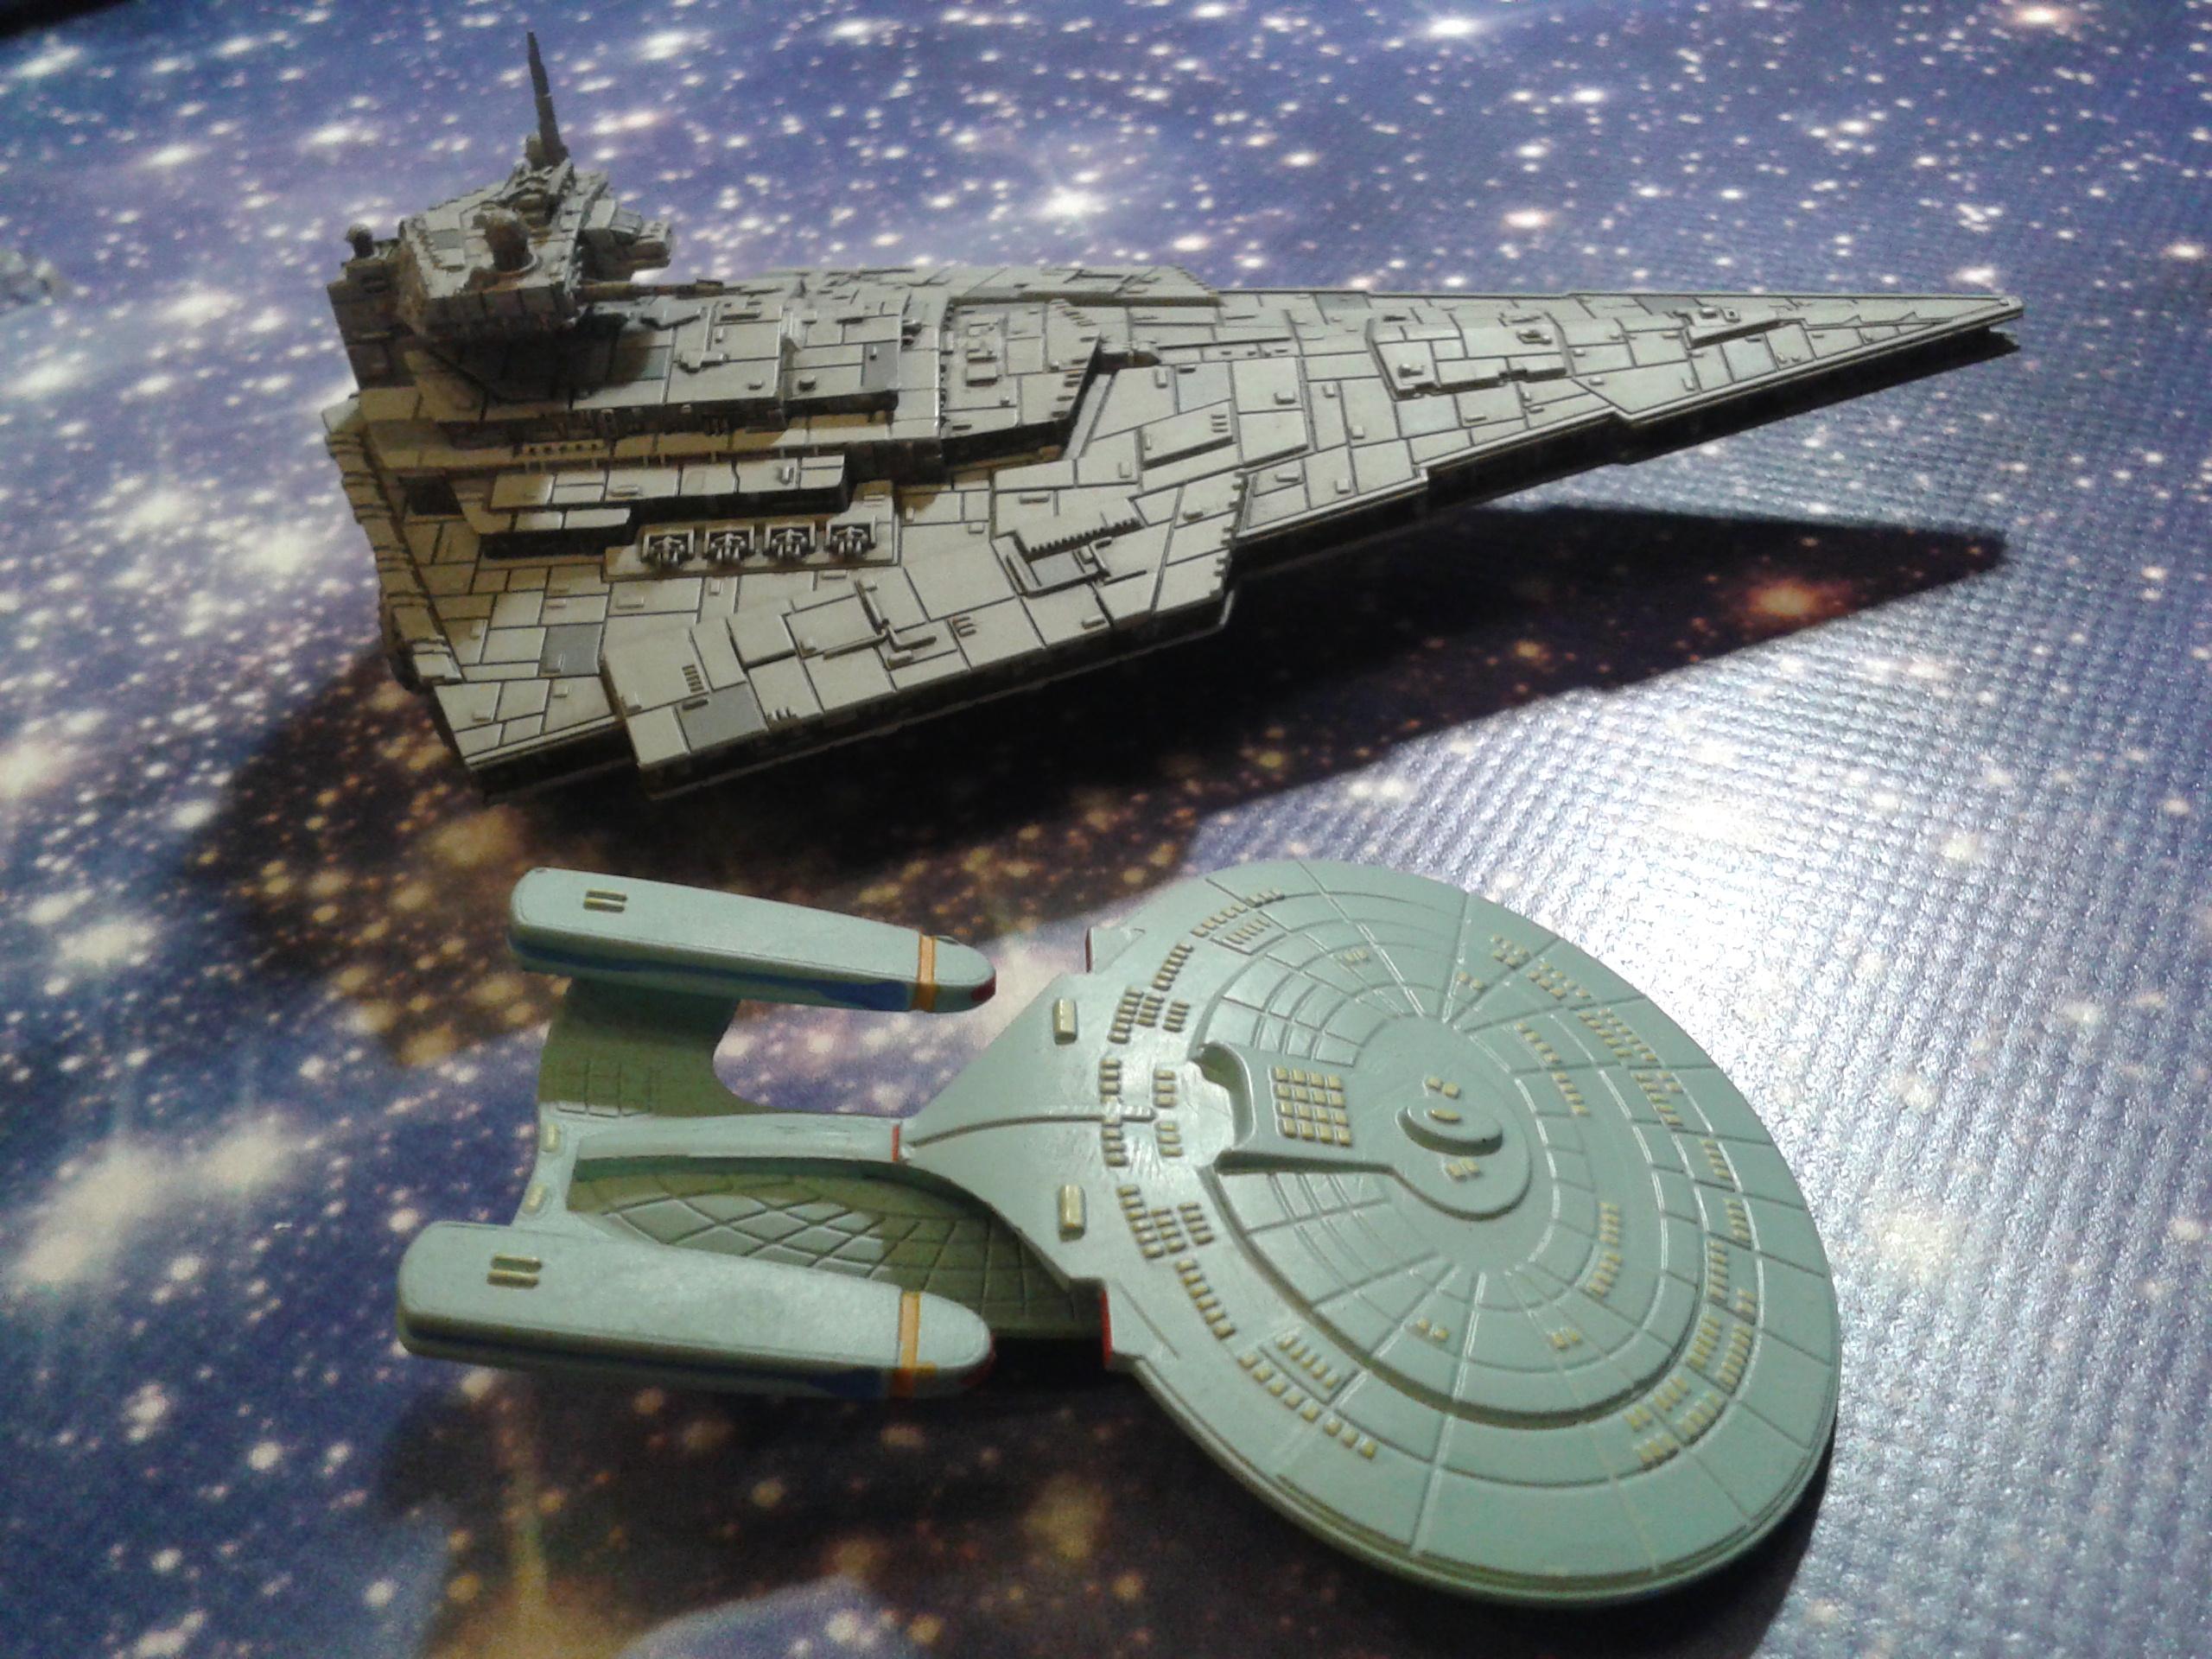 [FFG] Star Wars Armada (Neues Miniaturenspiel) - Seite 2 20150328_010455